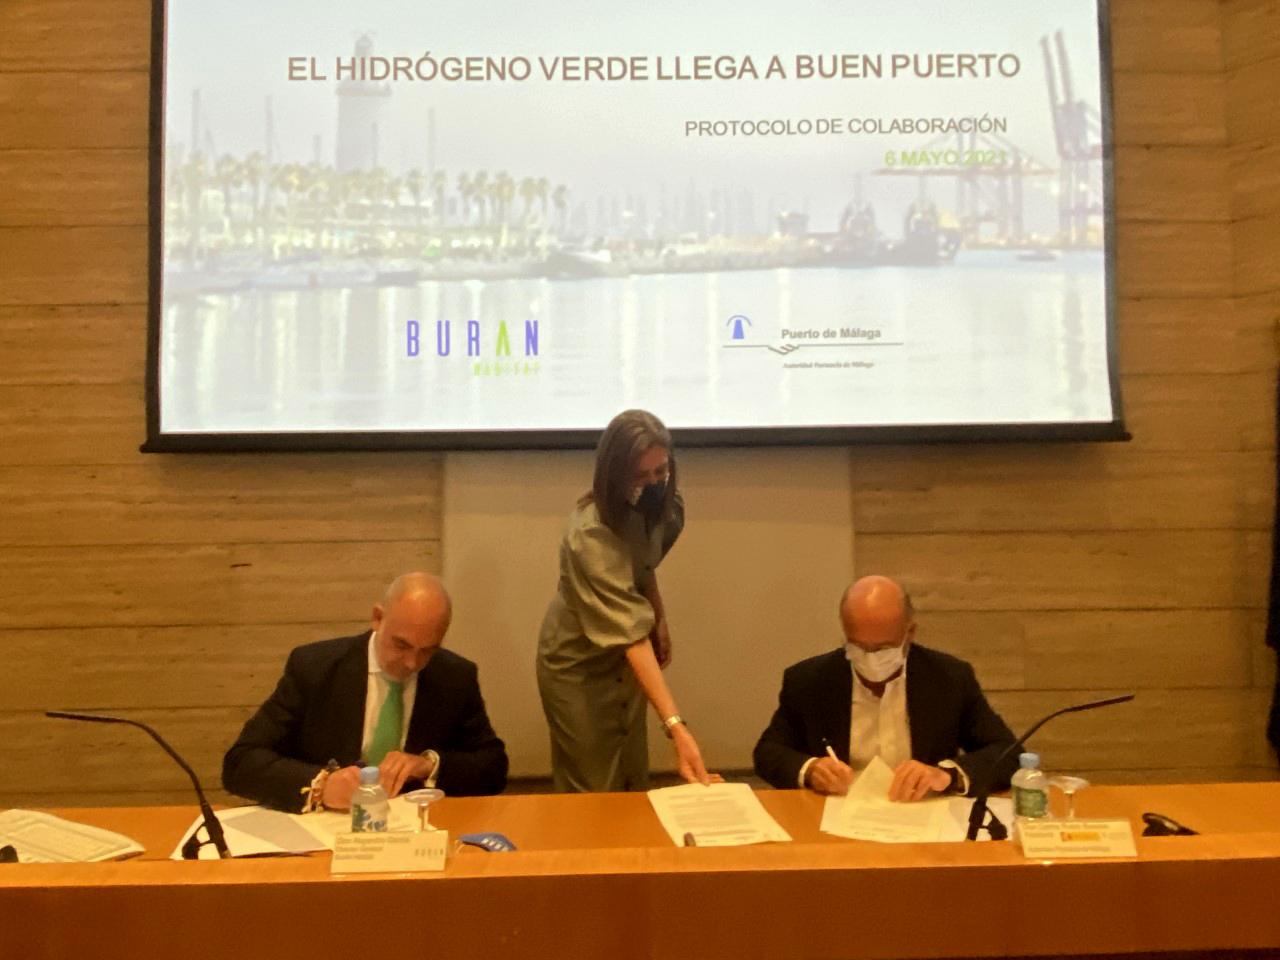 La Autoridad Portuaria firma un Protocolo de colaboración con Buran Habitat para impulsar el uso de hidrógeno verde en el Puerto de Málaga